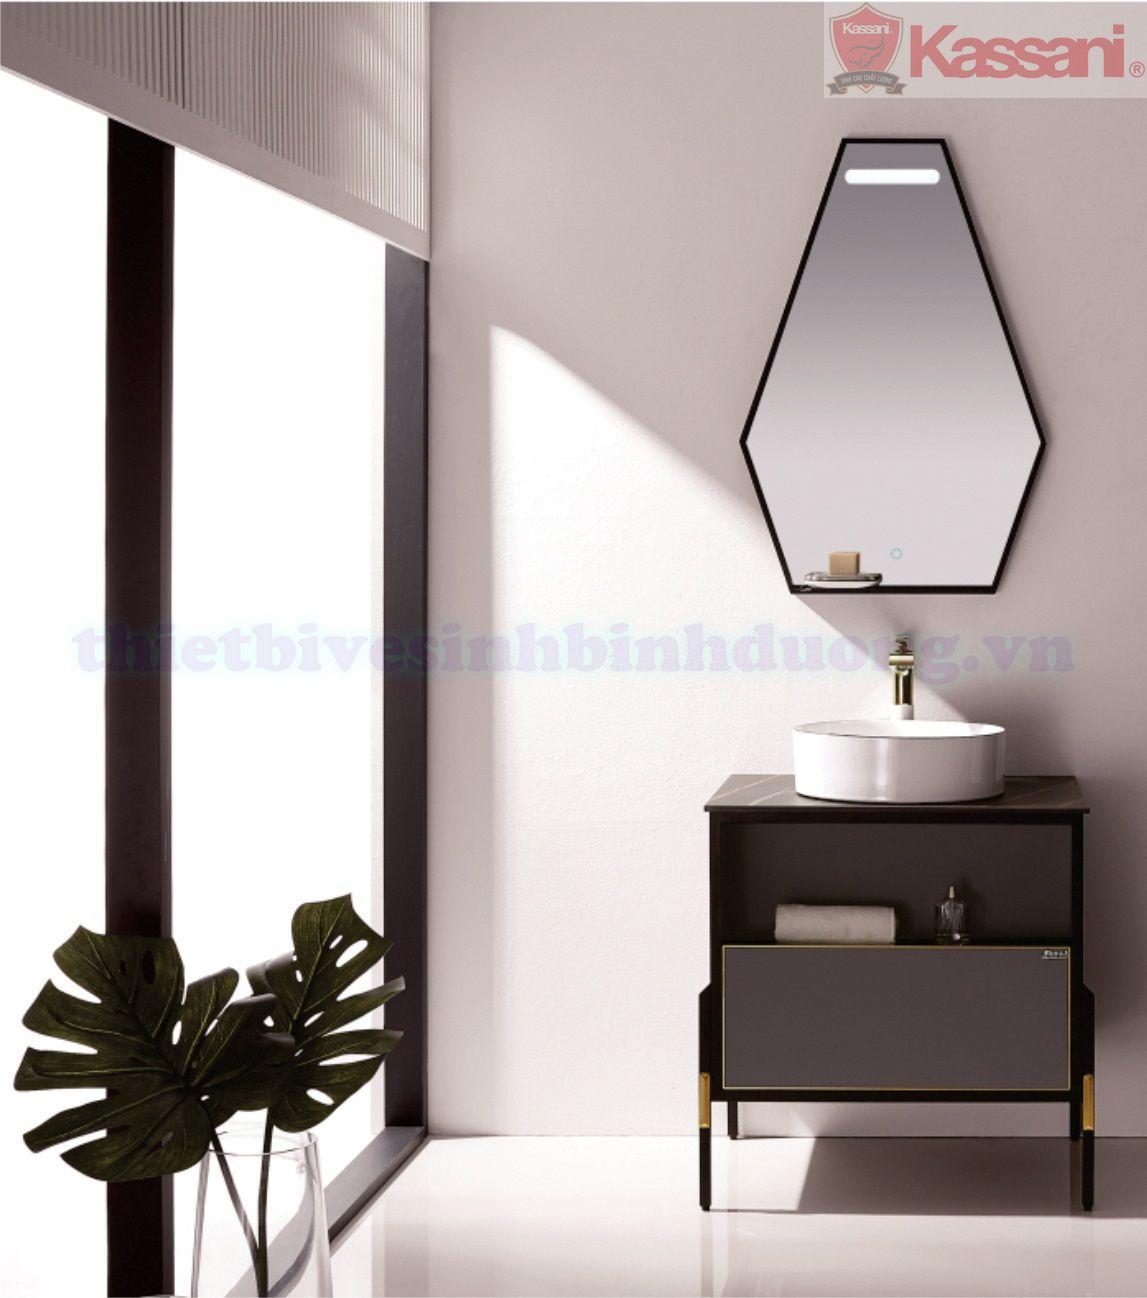 tu-lavabo-kassani-ld-3255